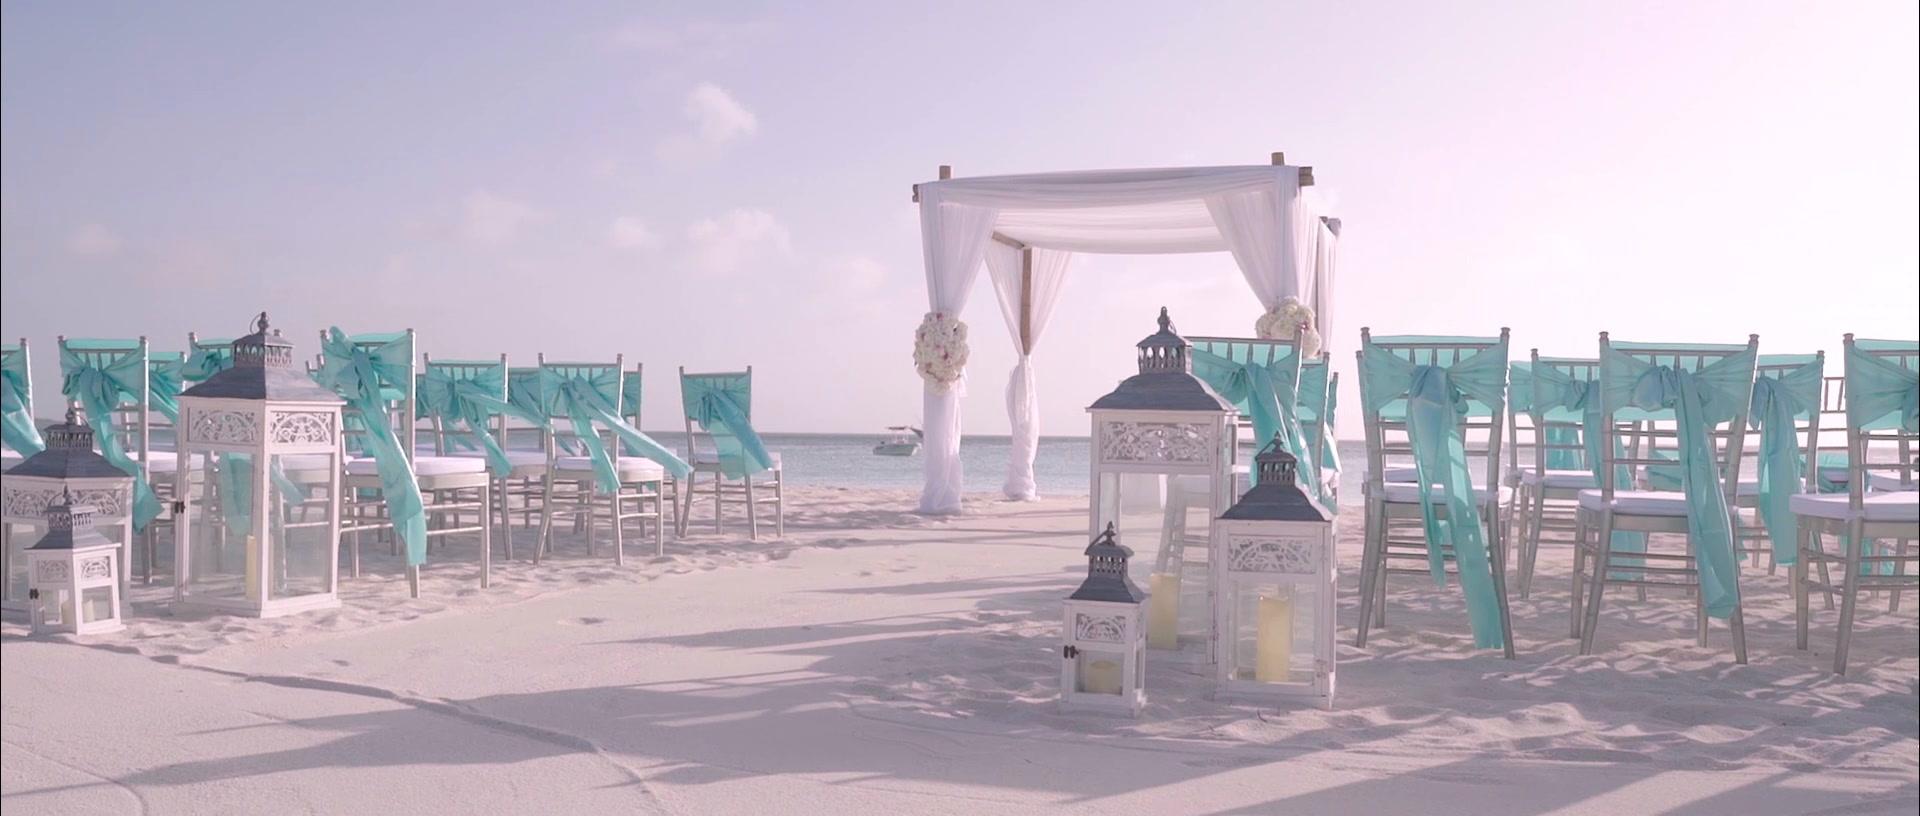 Krystle + Oliver | Oranjestad, Aruba | Ritz Carlton Aruba